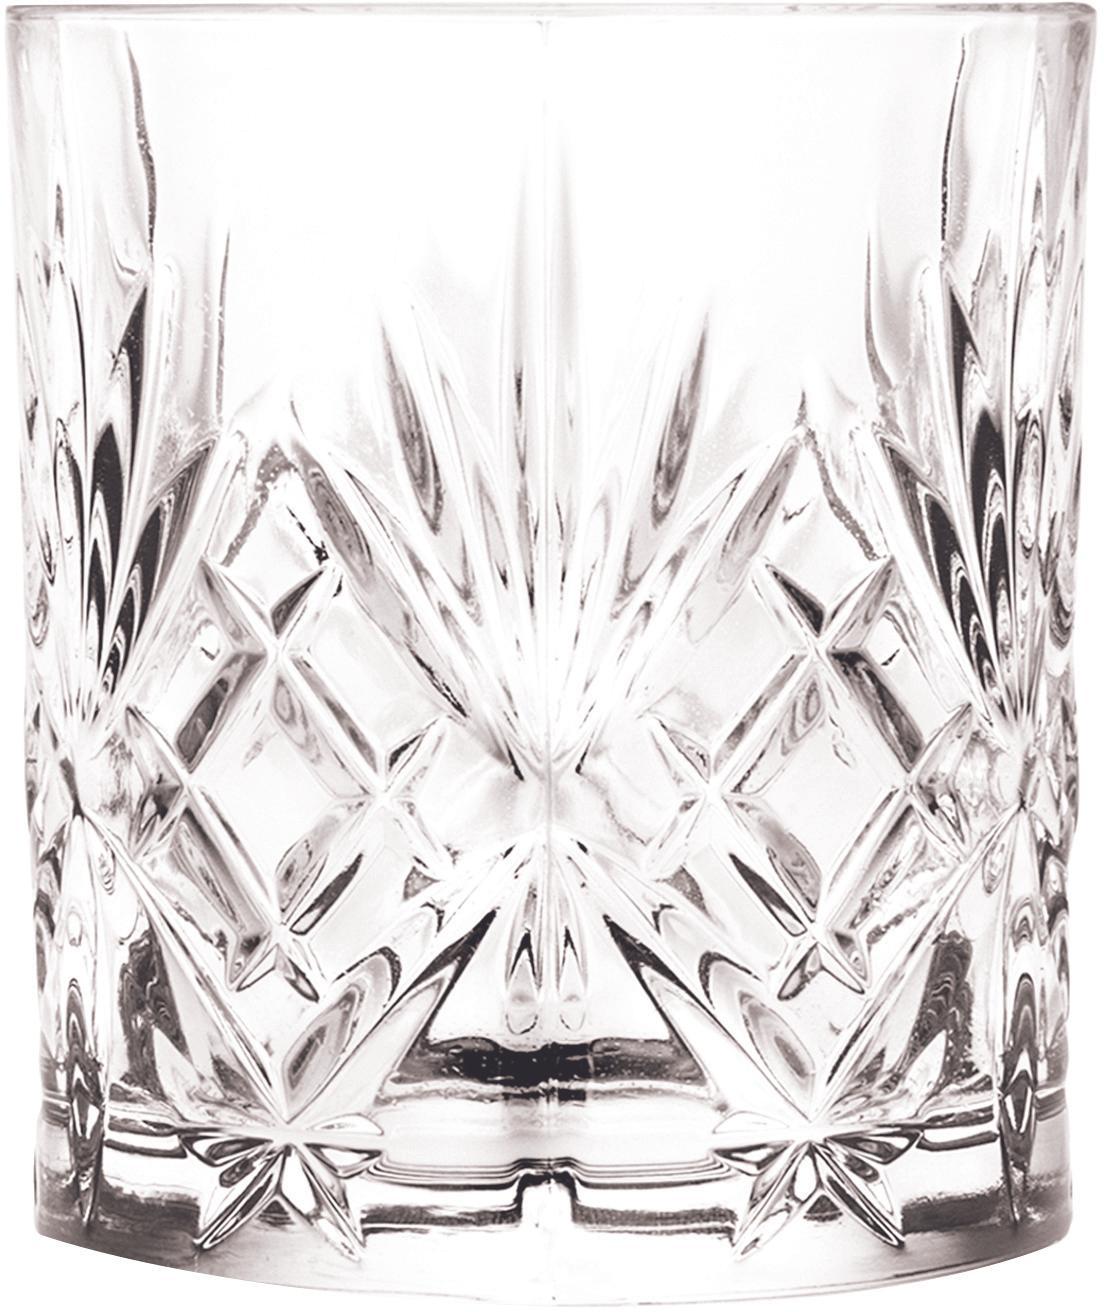 Kristallgläser Bichiera mit Reliefmuster, 4er-Set, Kristallglas, Transparent, Ø 8 x H 9 cm